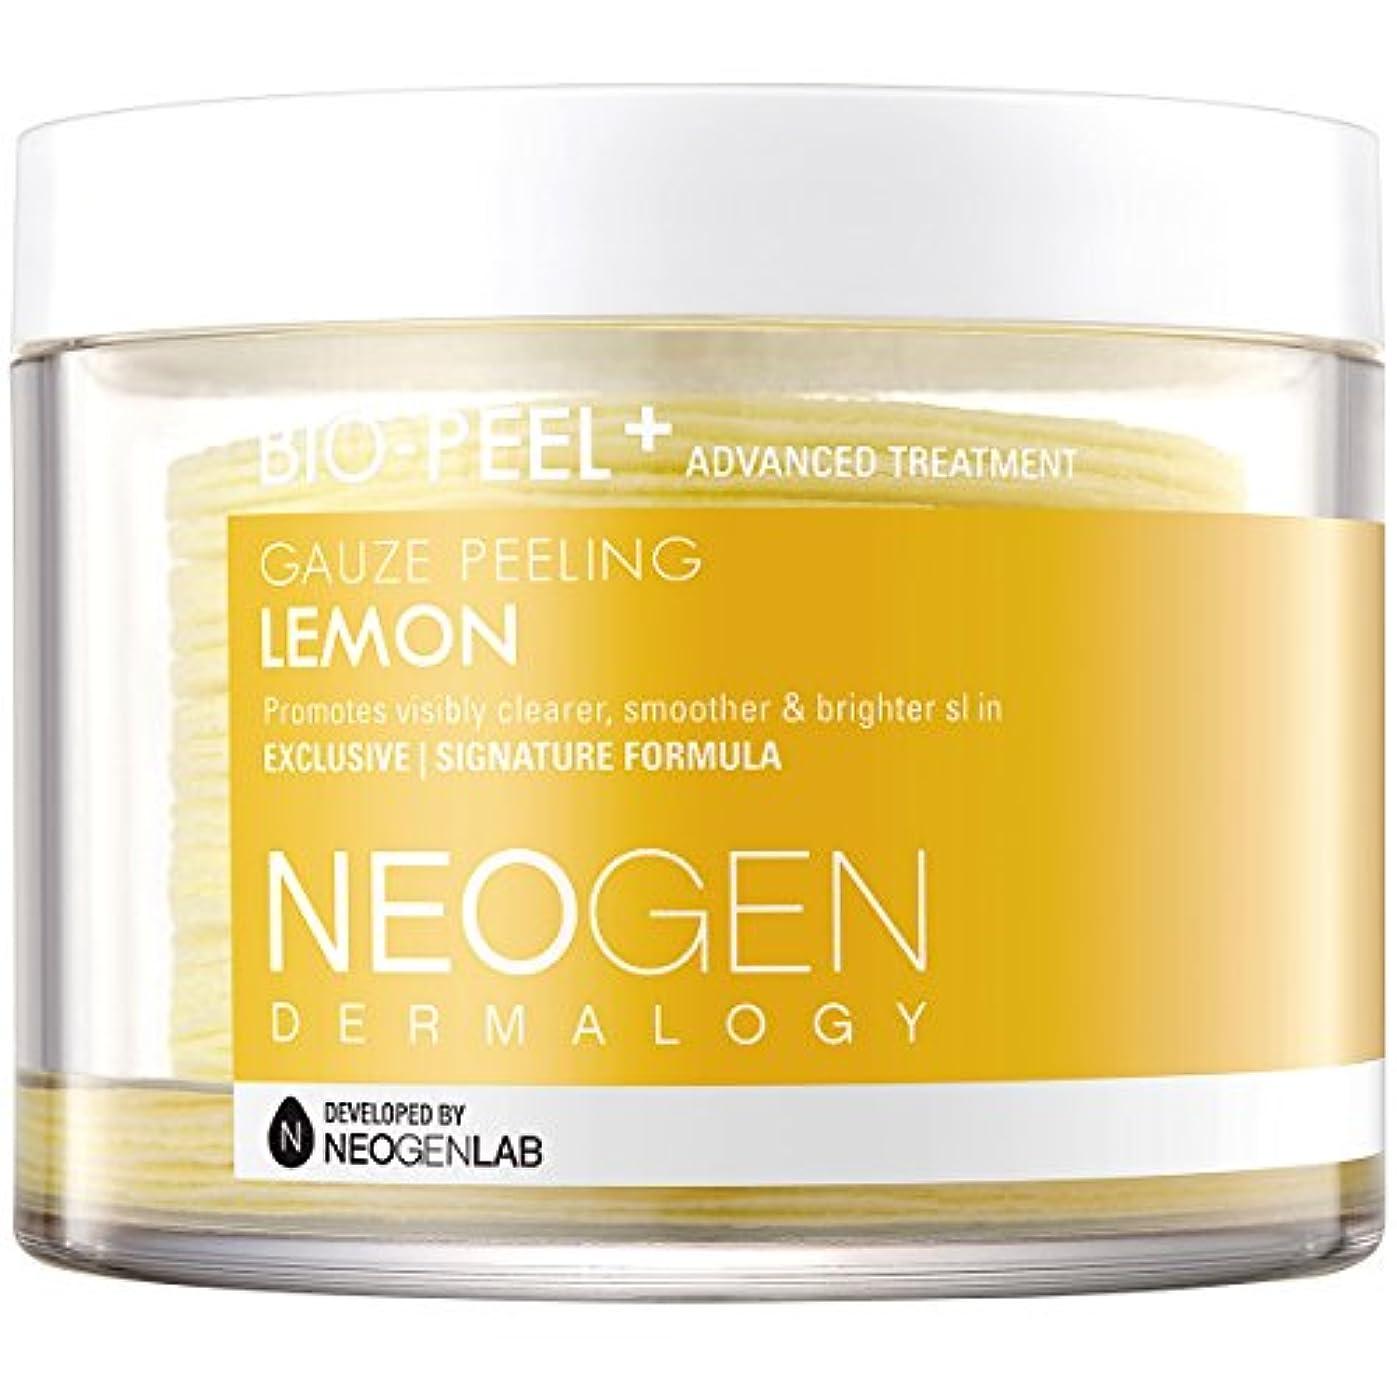 ナイトスポット二度専門化するNEOGEN DERMALOGY ネオジェン ダーマロジー バイオピールガーゼピーリング レモン 200ml/30枚